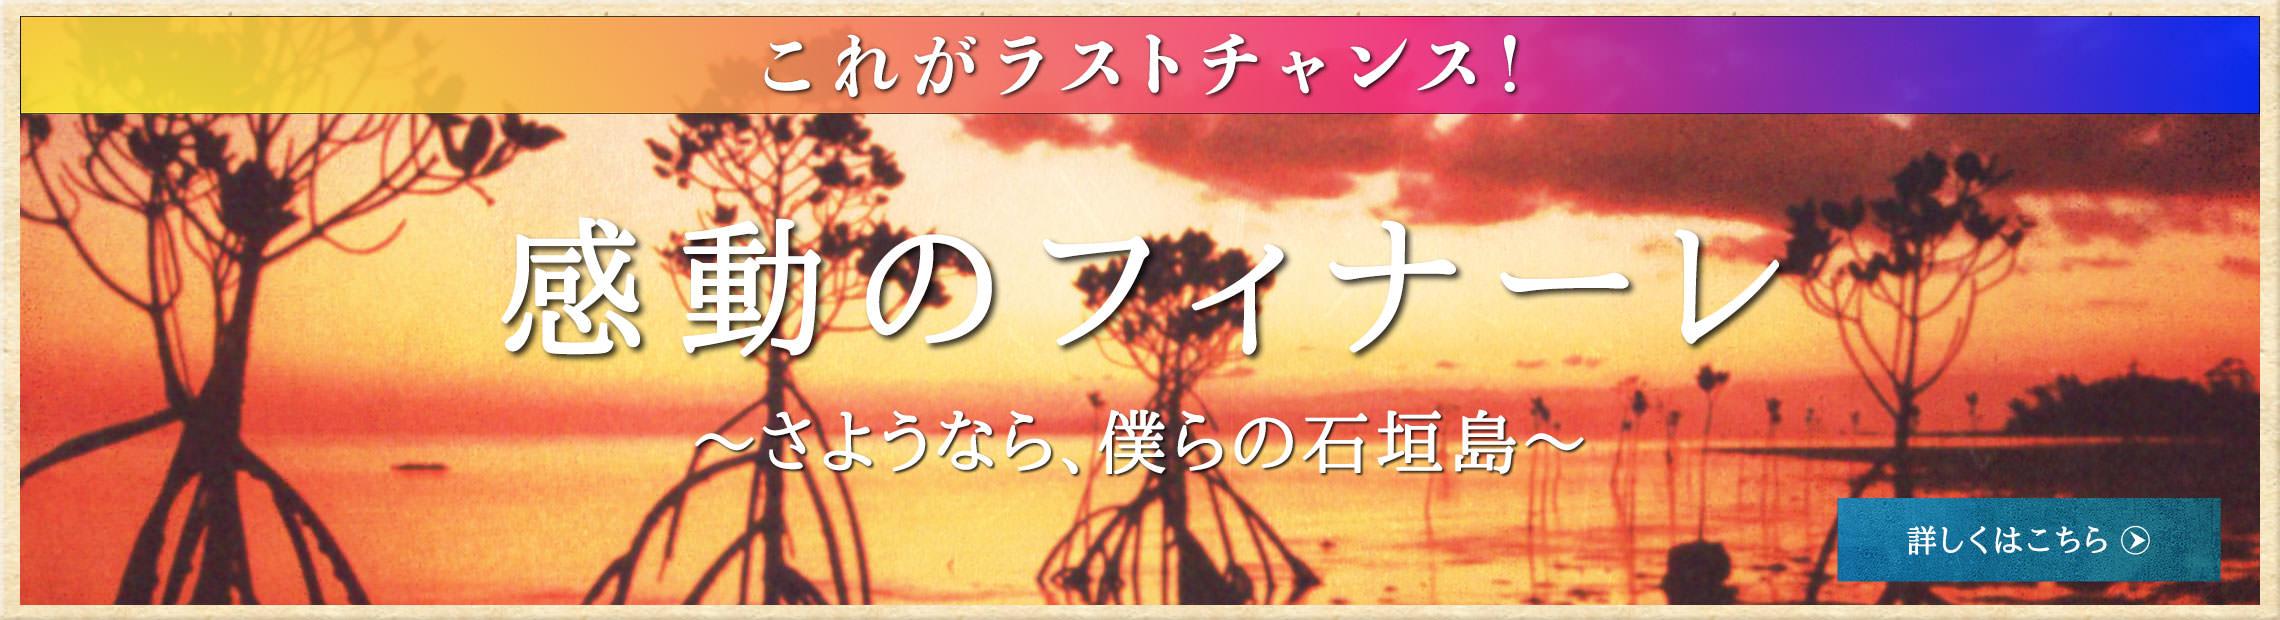 さようなら、石垣島